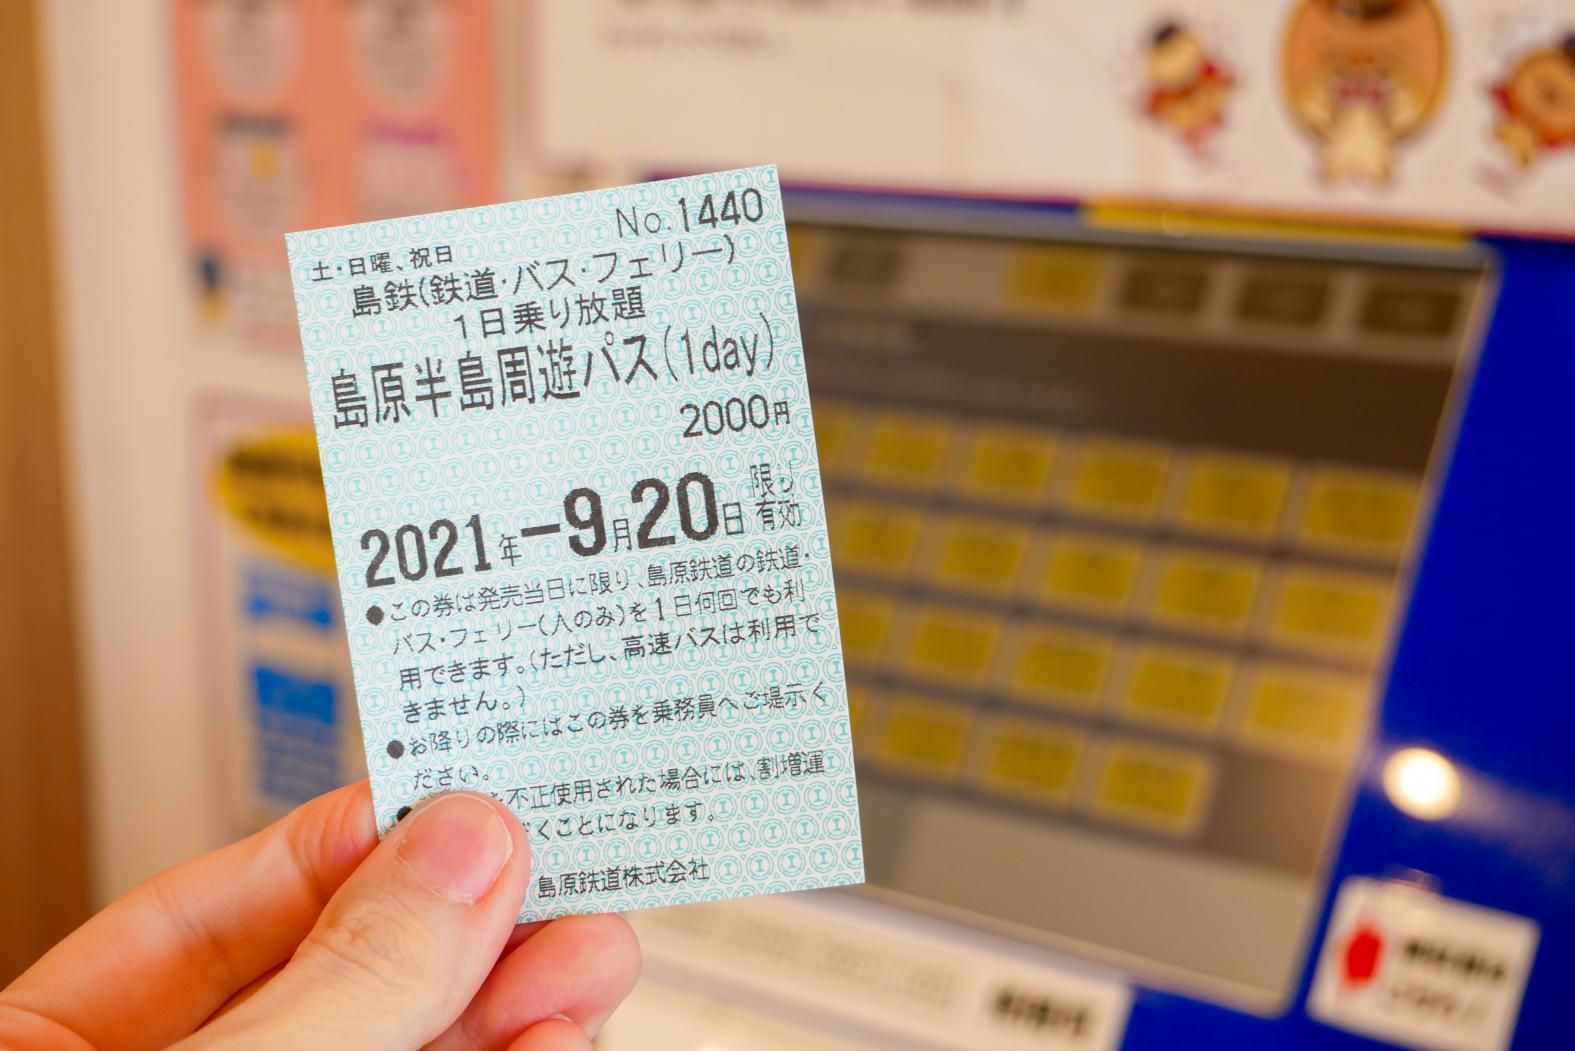 諫早駅で島原鉄道と初対面-3